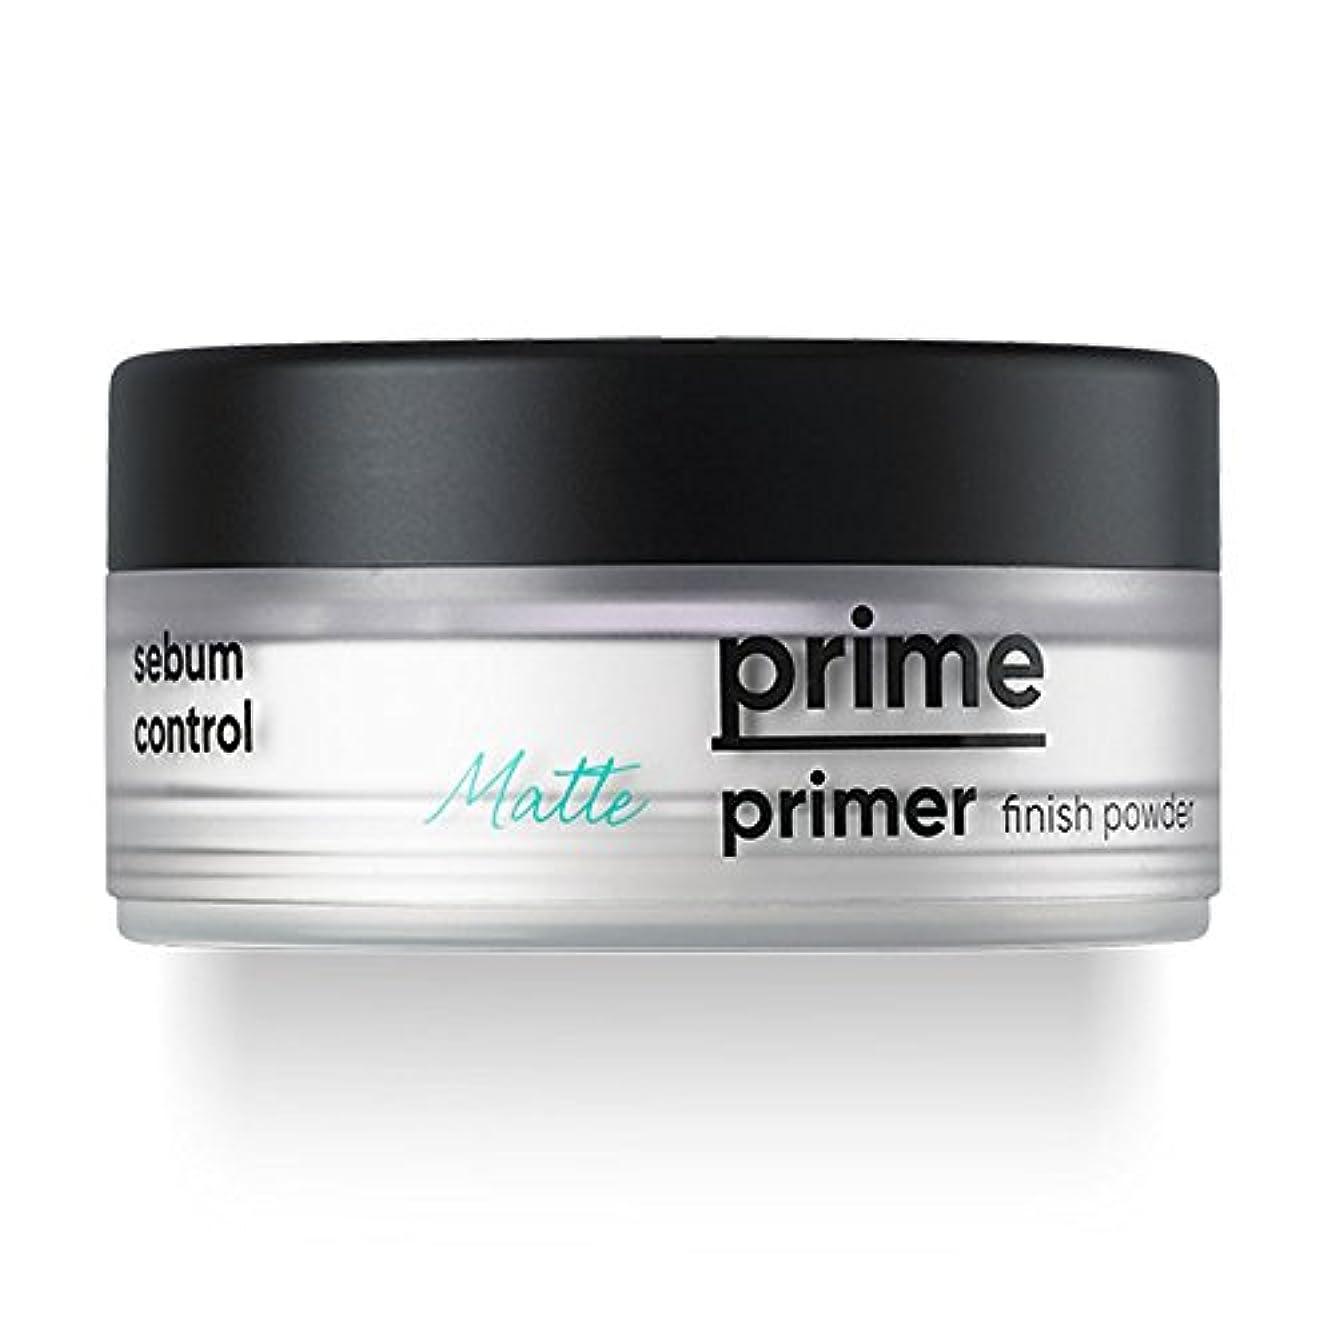 騒々しいタイトごみBANILA CO(バニラコ) プライム プライマー フィニッシュ パウダー Prime Primer Matte Finish Powder 12g